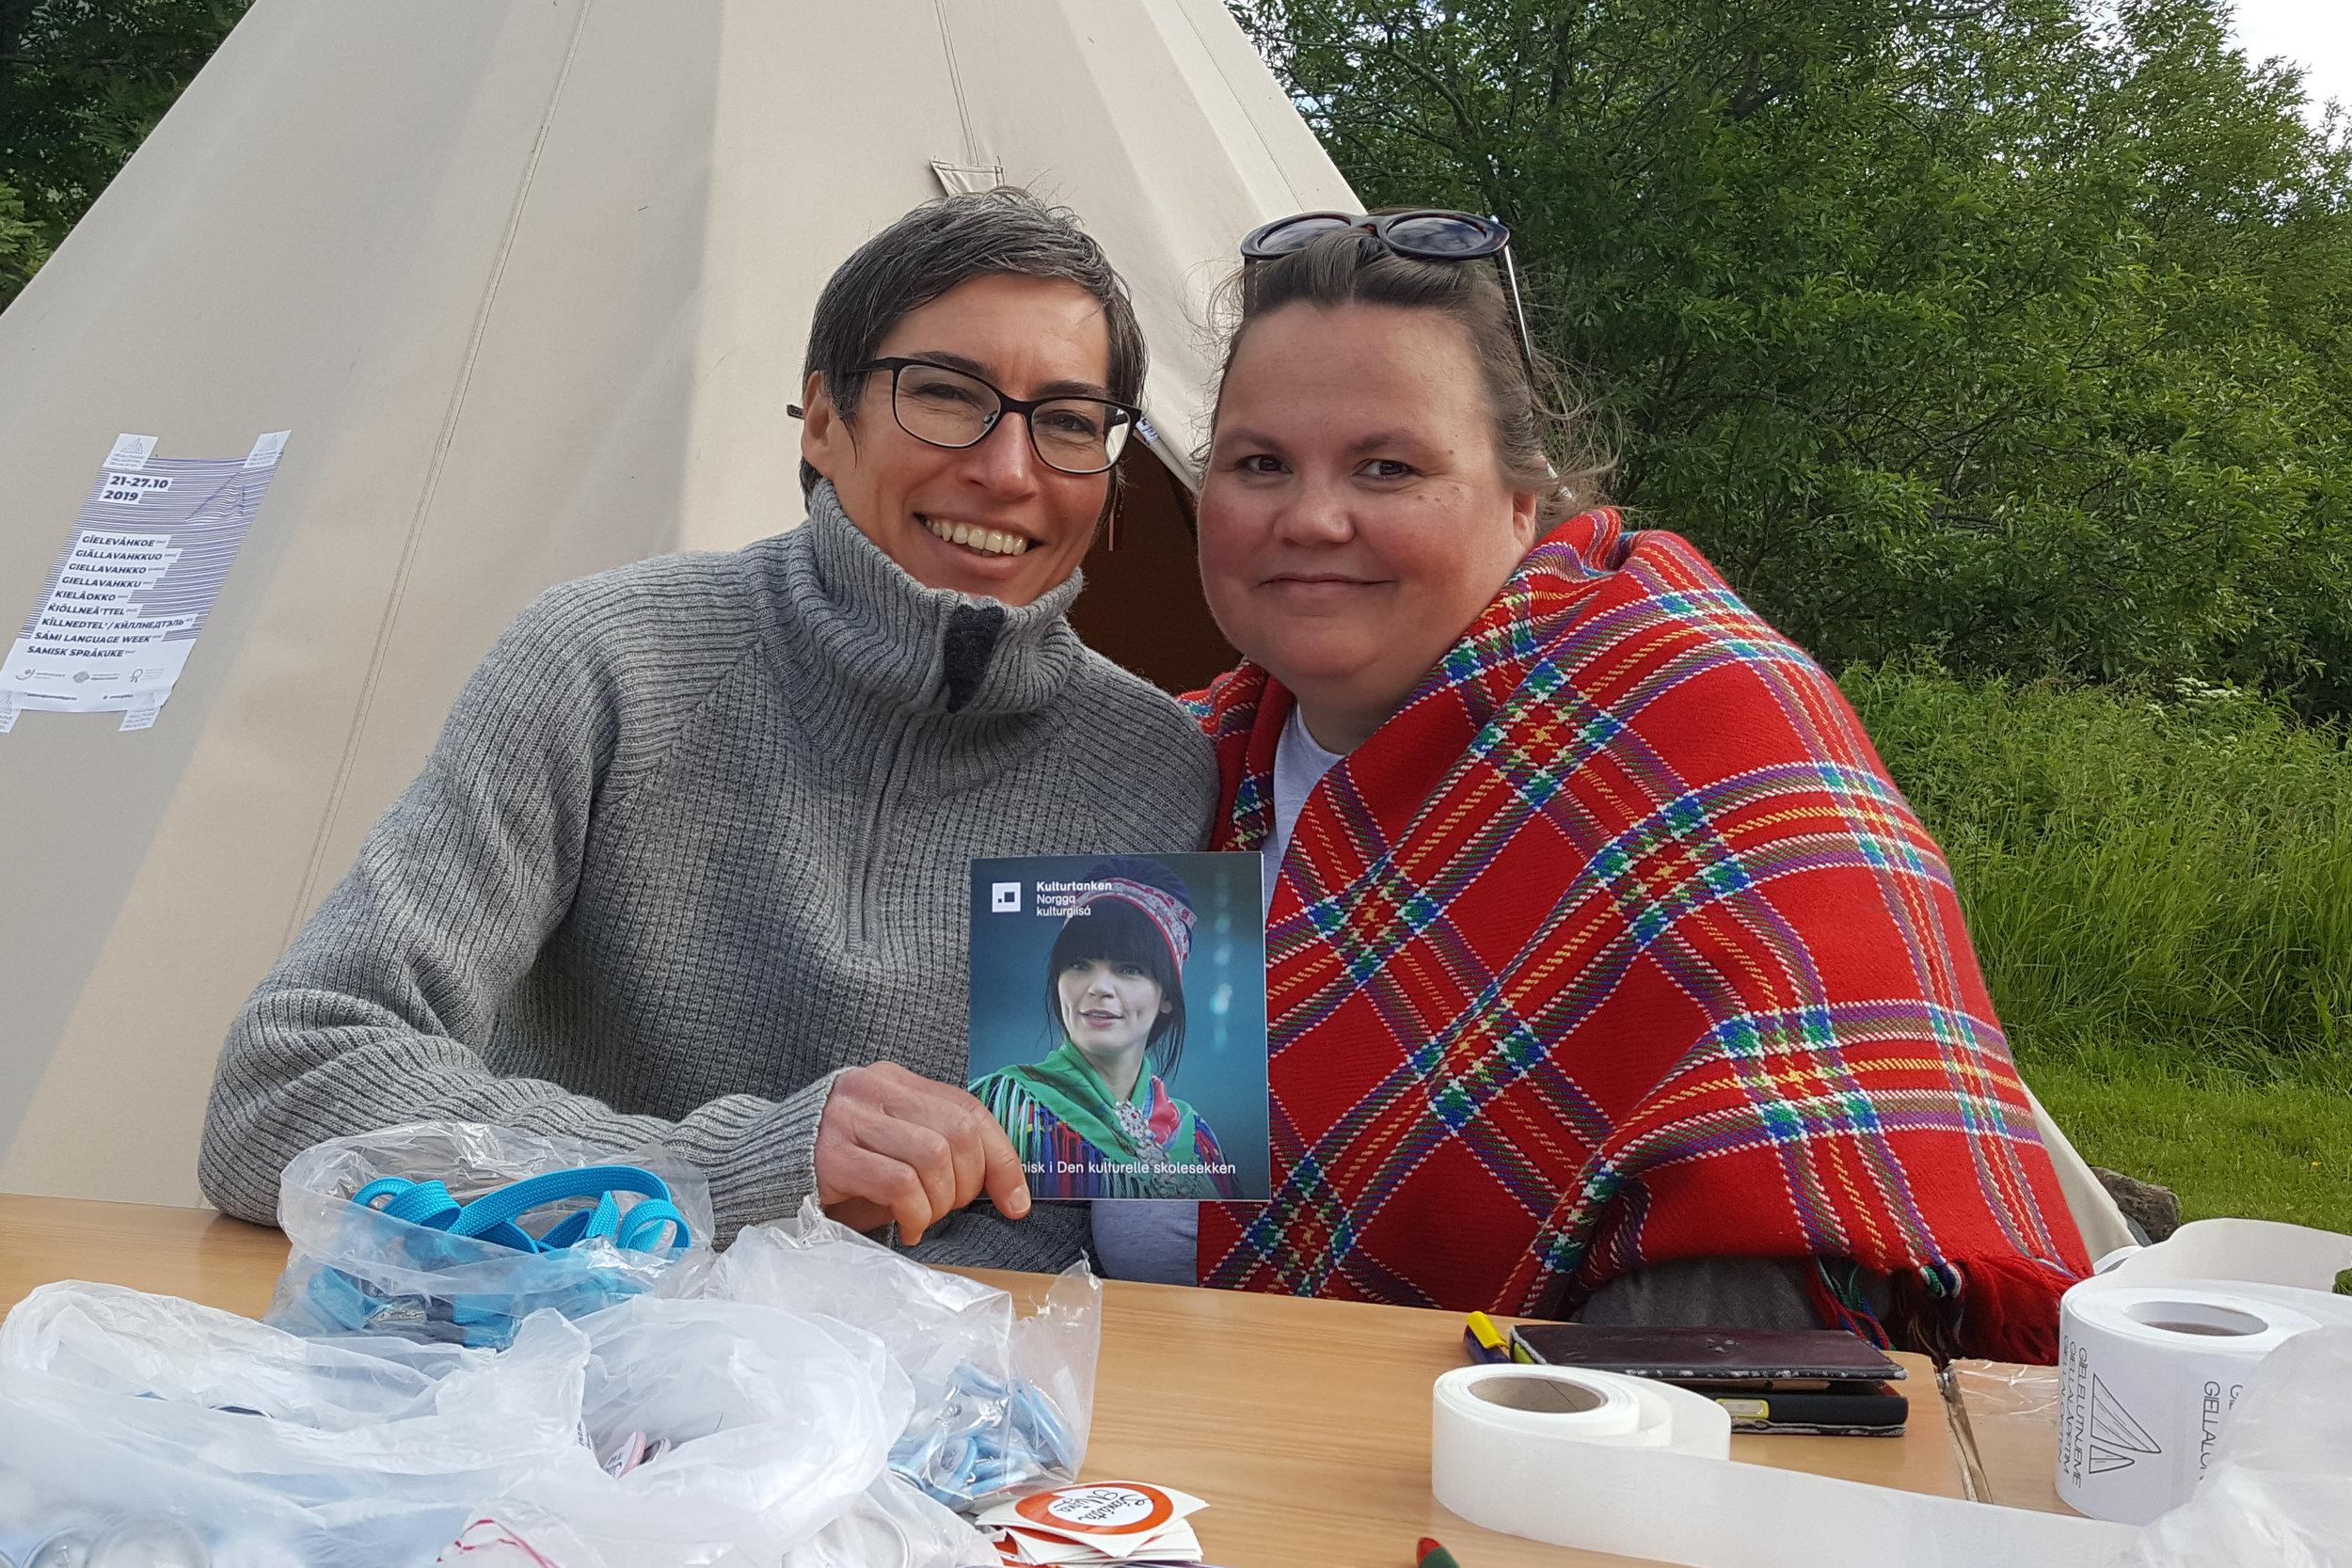 Kulturtankens fagansvarlig for kulturarv og leder av arbeidet for samisk satsing i DKS på nasjonalt nivå, Bente Aster, fikk dele stand sammen med Sametinget, her representert ved Siljá Somby.